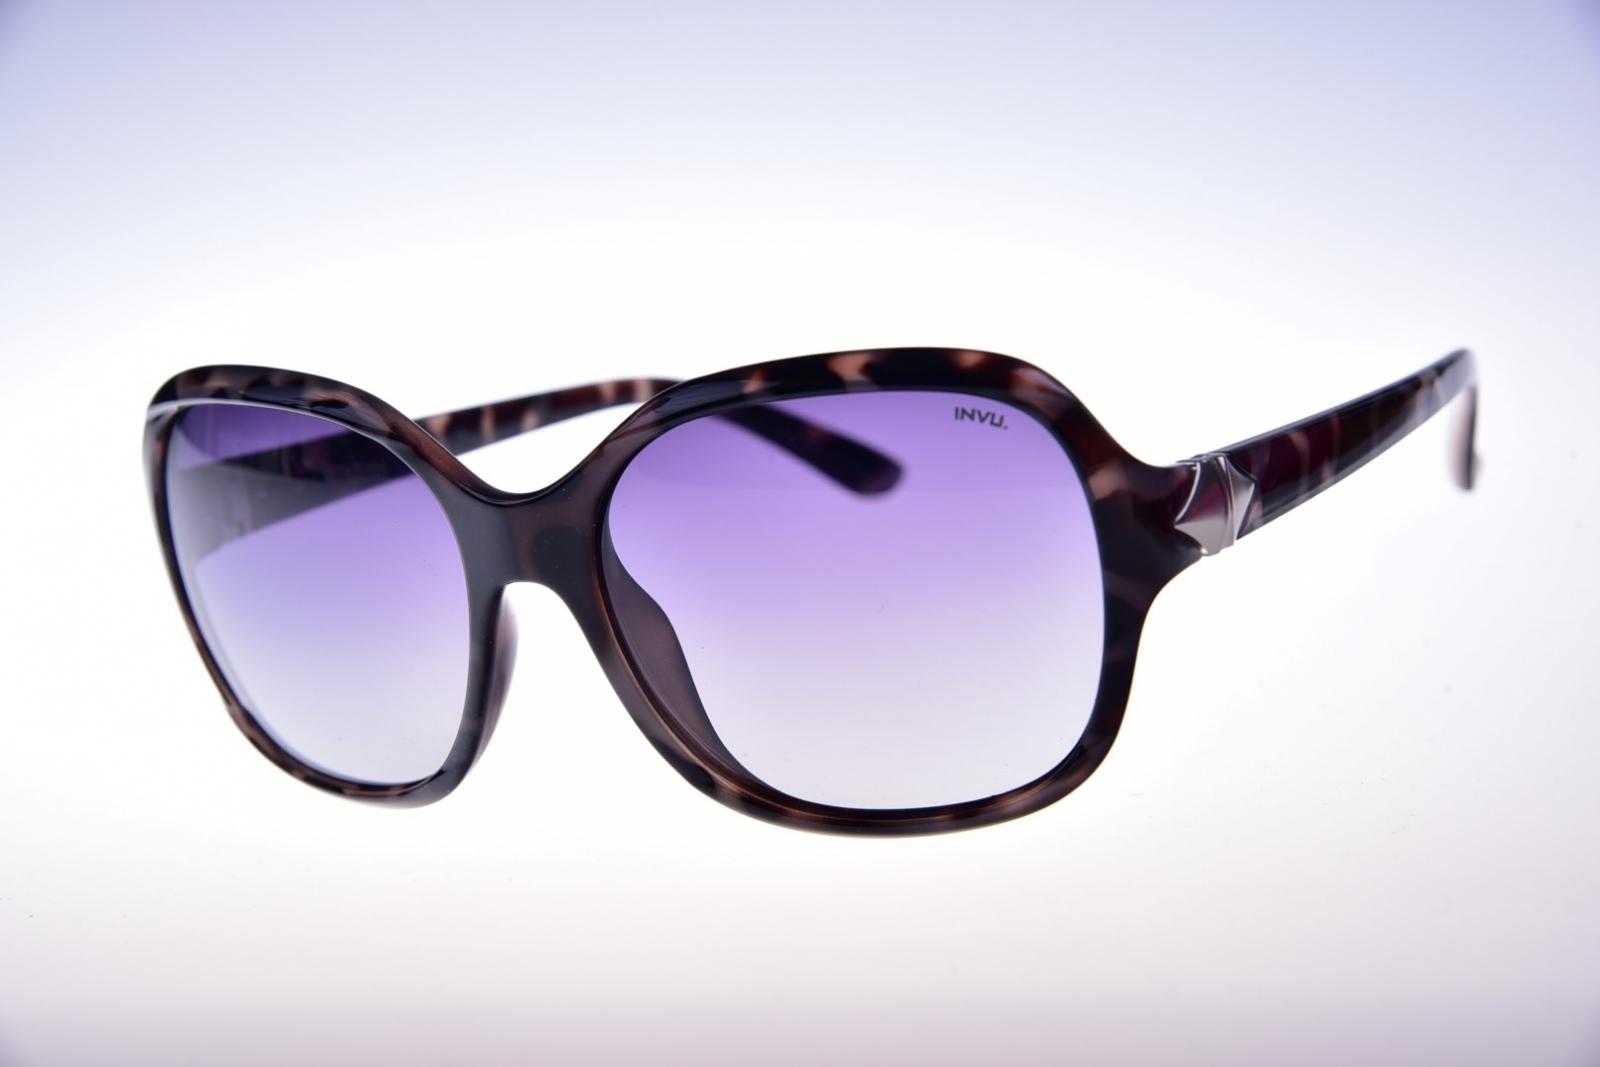 INVU. Classic B2730A - Dámske slnečné okuliare